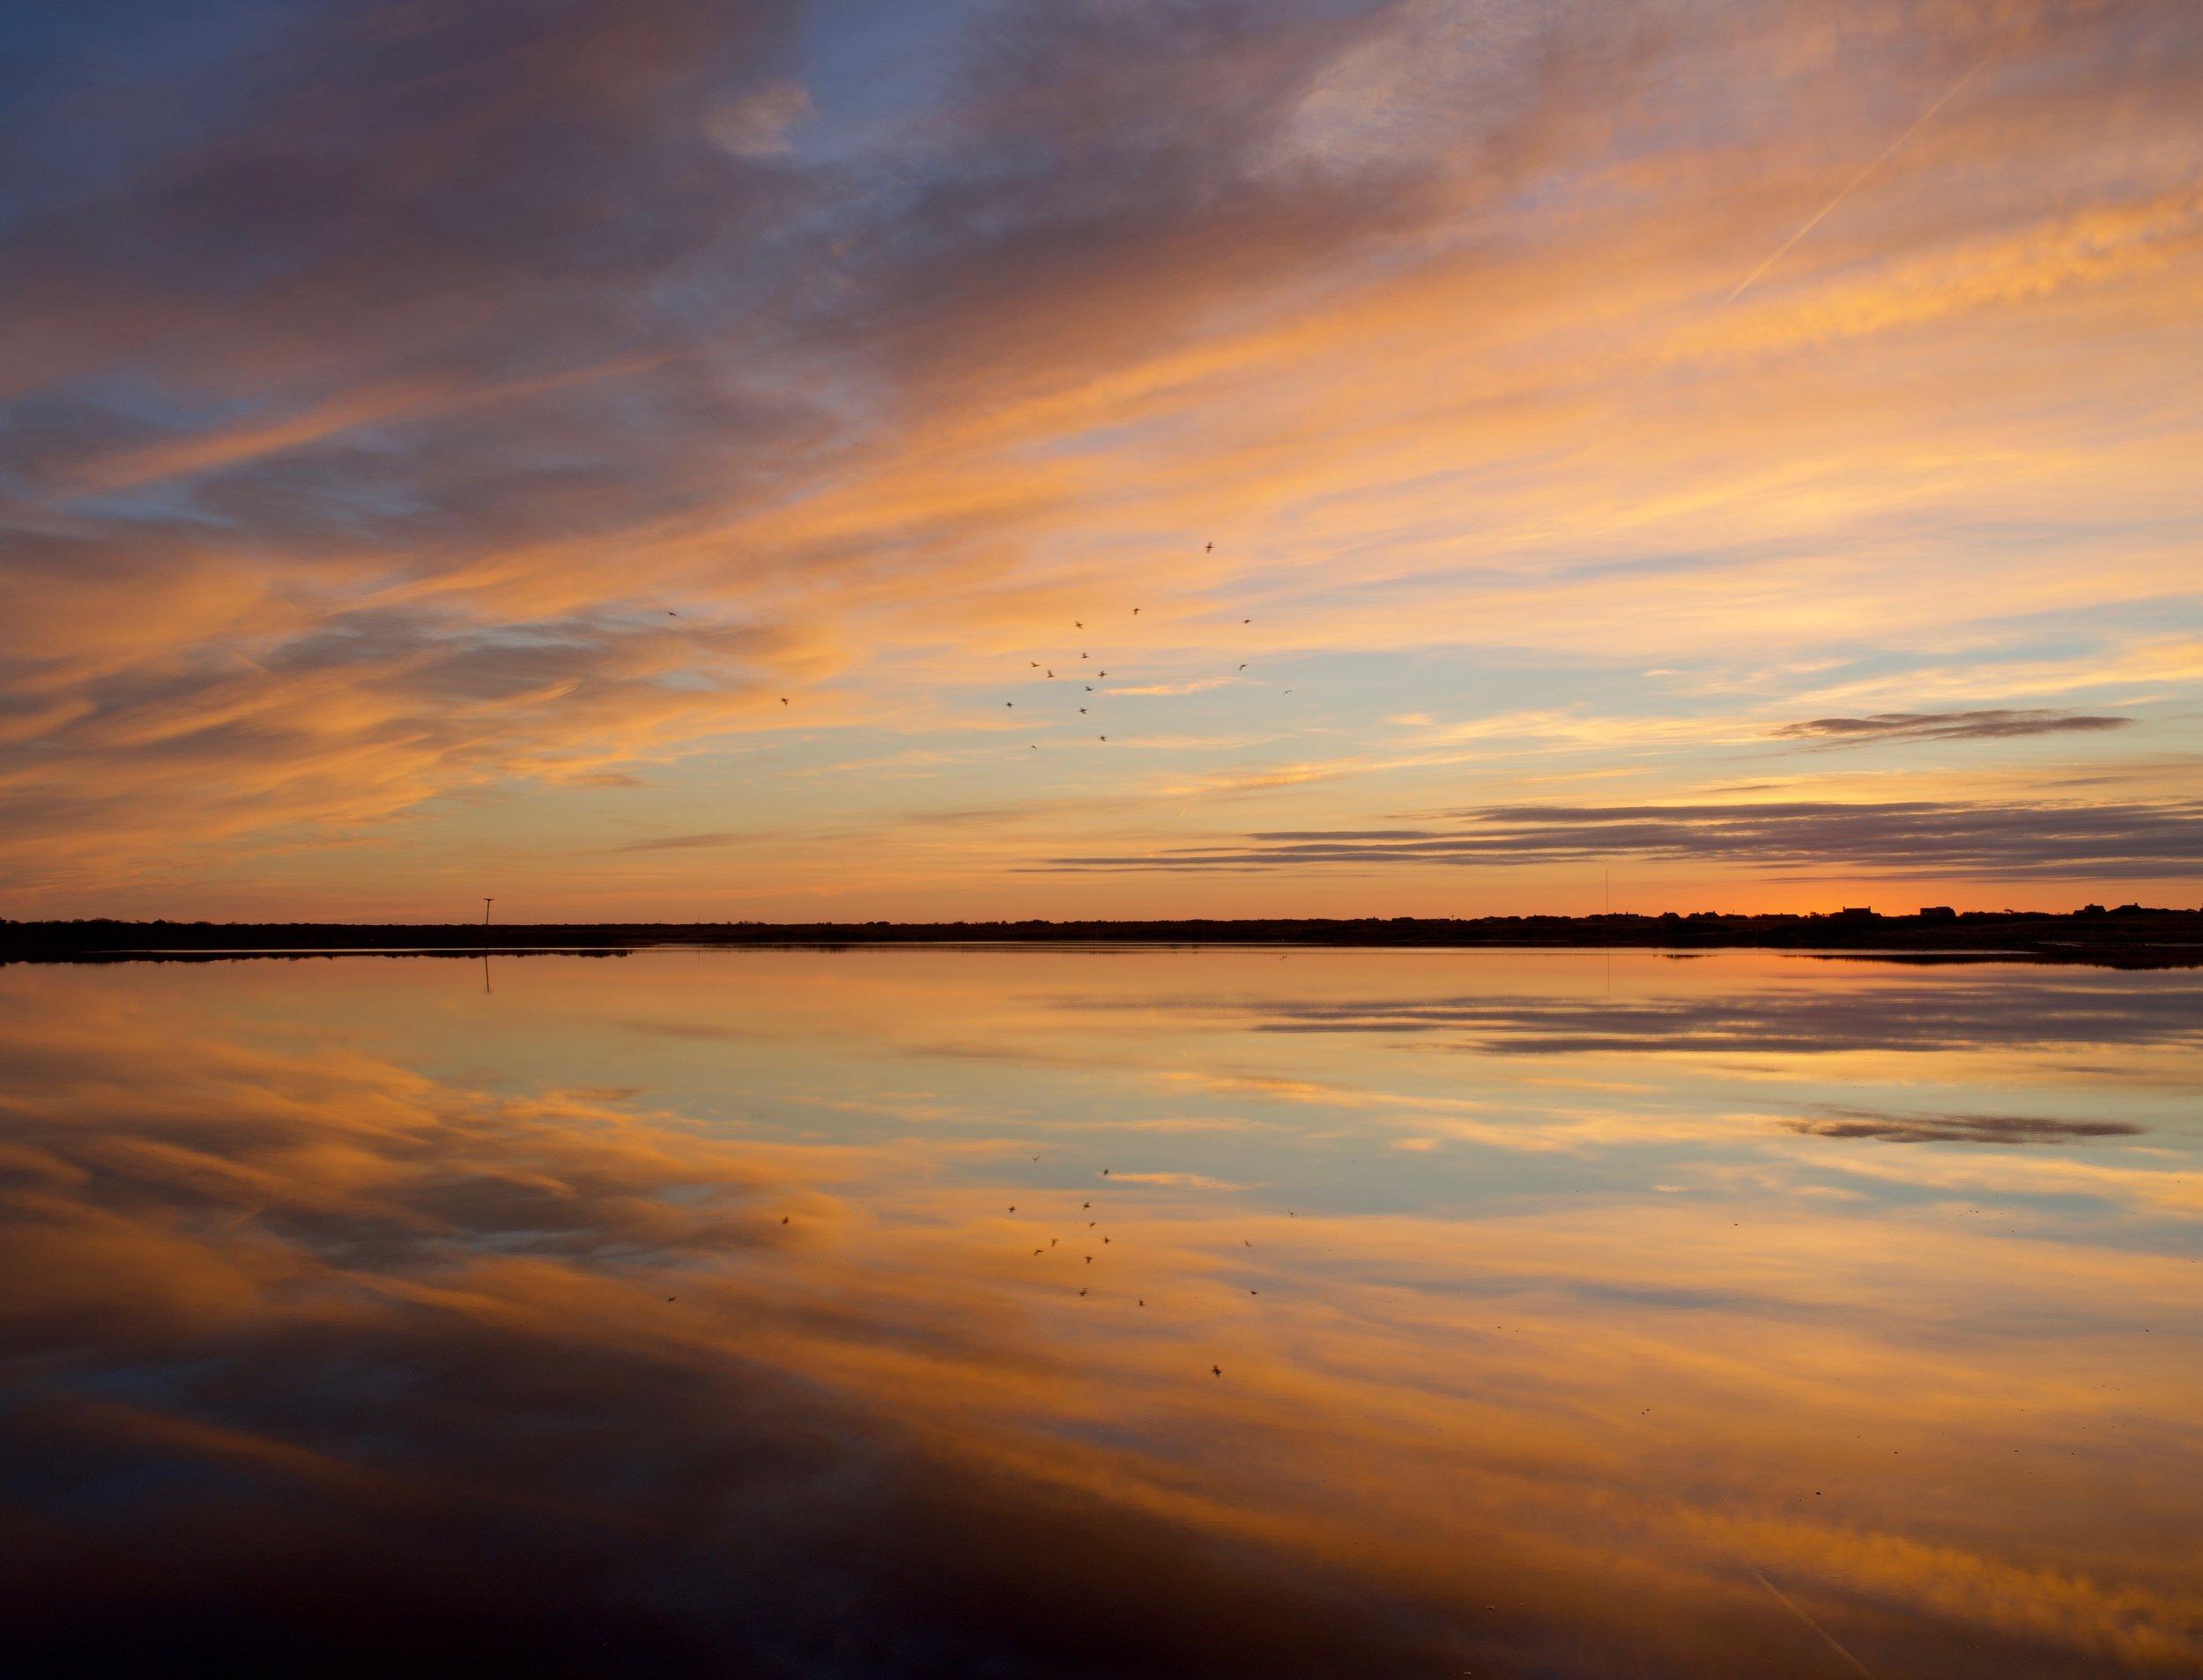 Clark Cove, Nantucket, MA